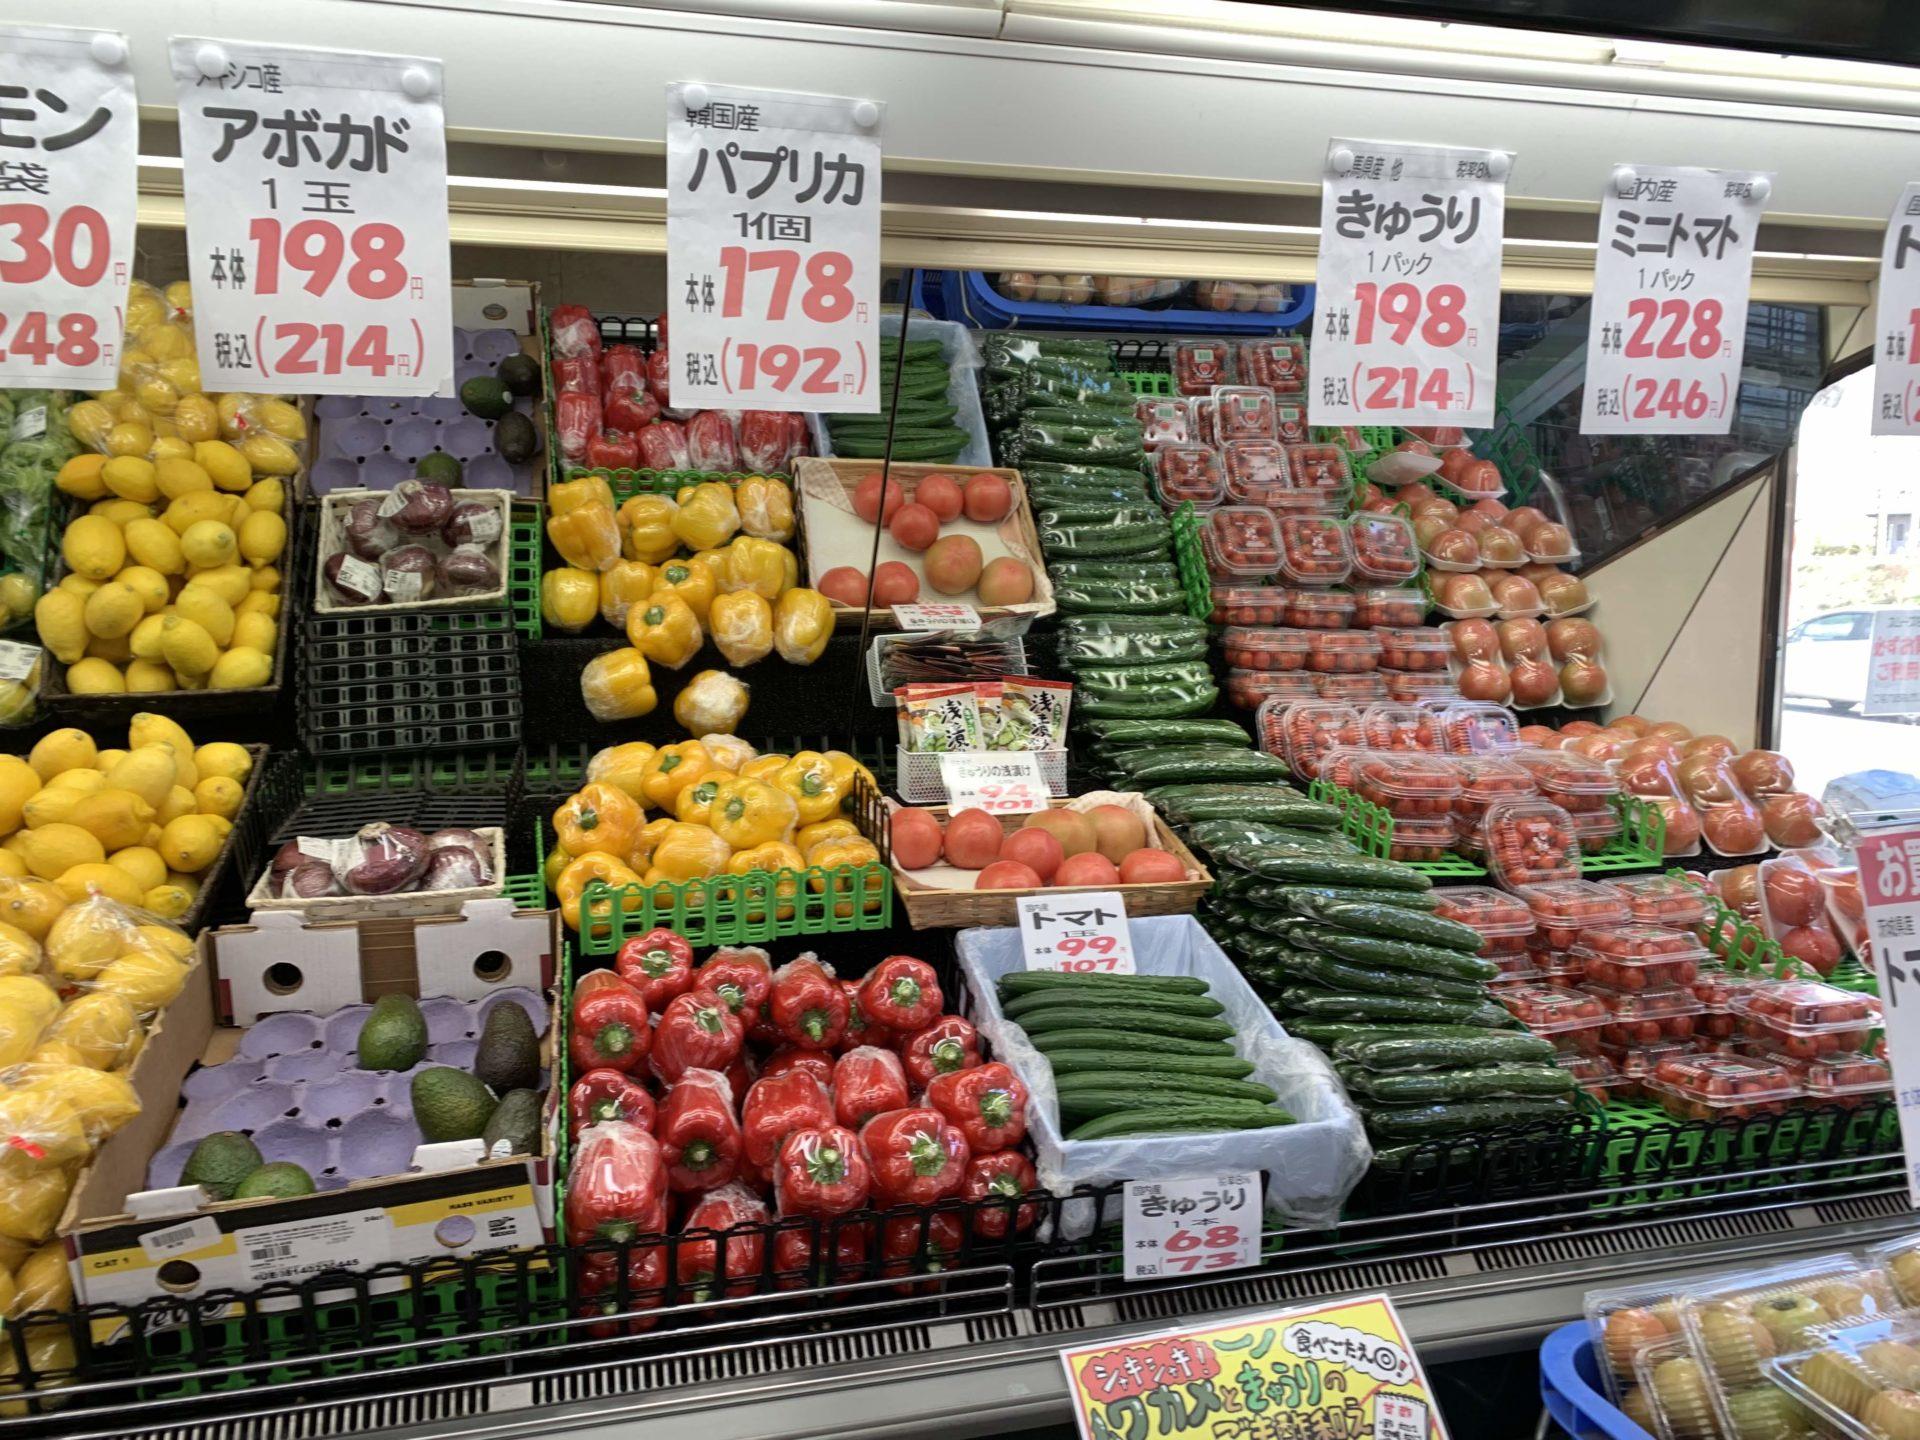 卸売センター「サンエイ」店内の生鮮野菜売り場